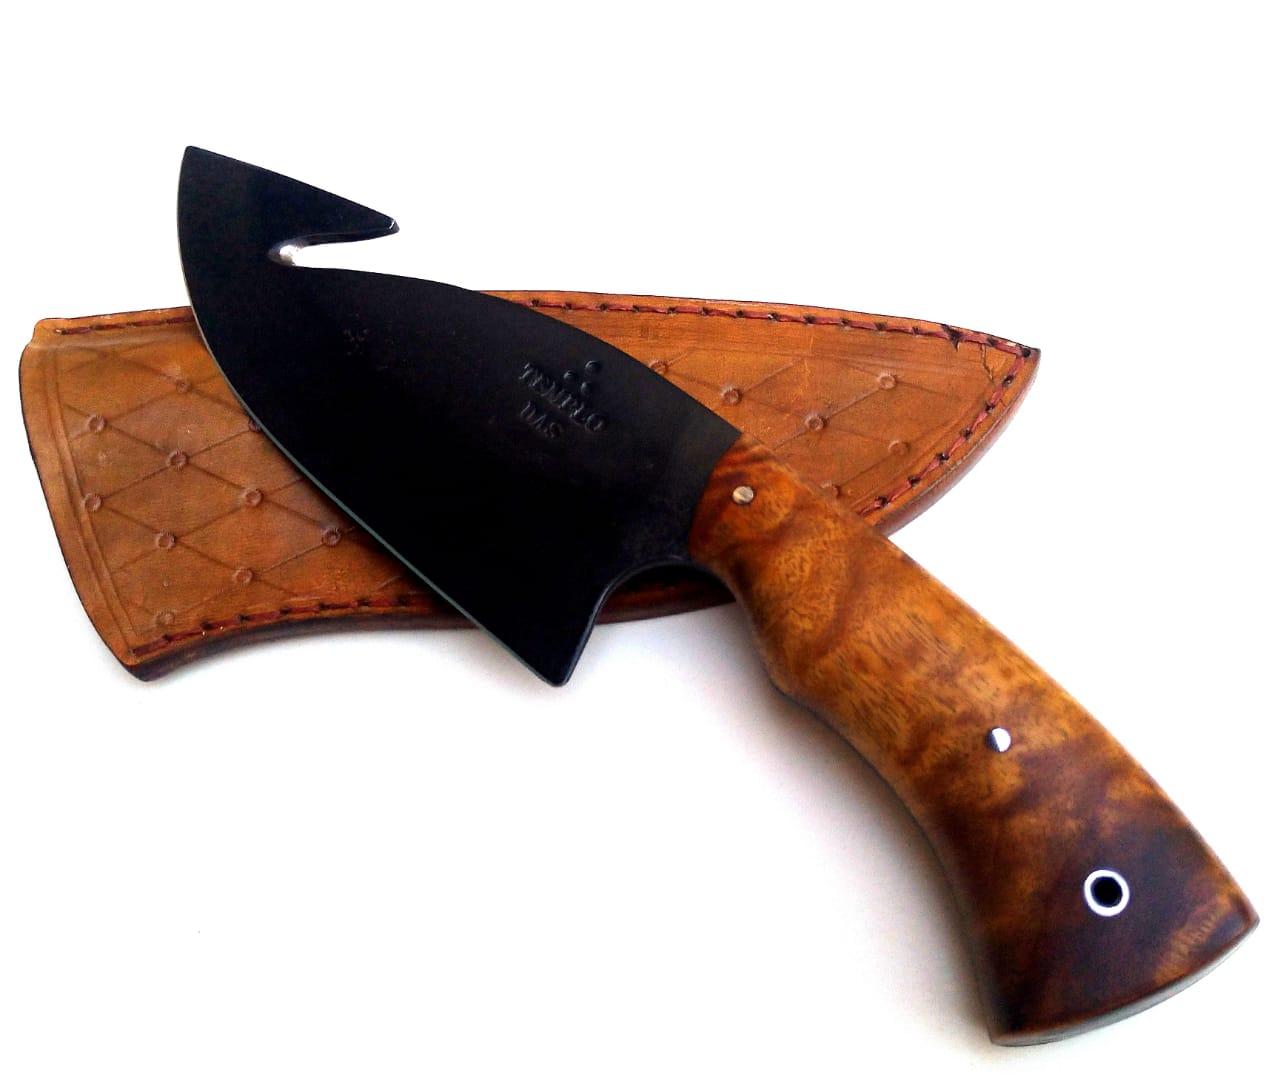 Faca artesanal coreadeira forjada em aço carbono 6 polegadas